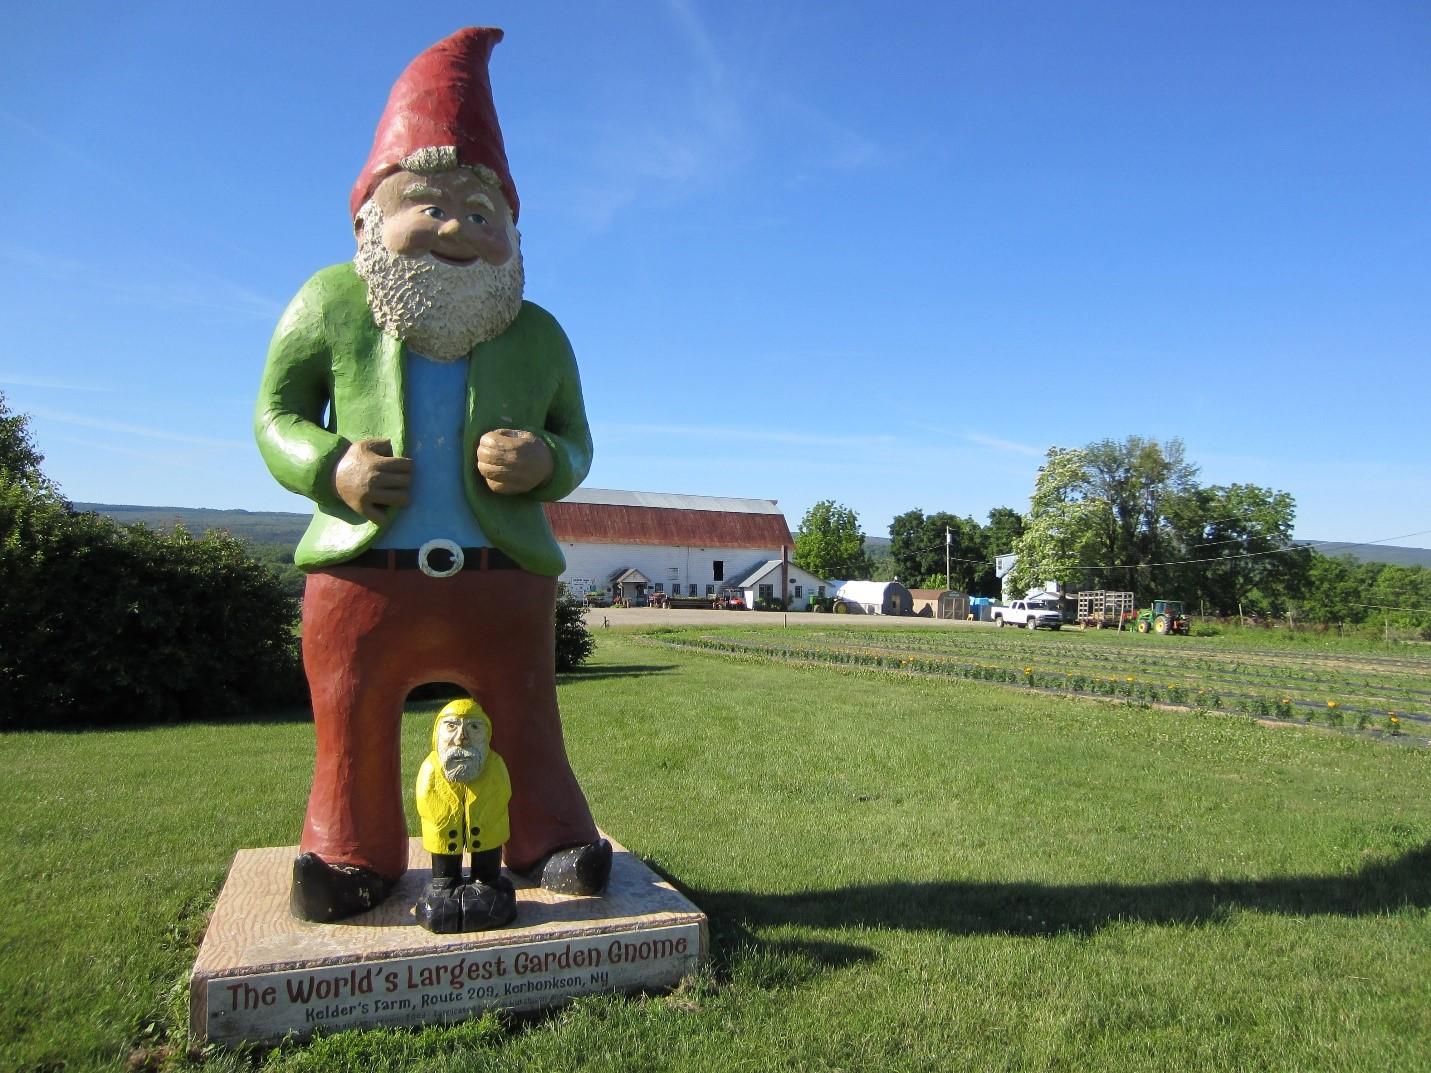 Gnome statue at Kelder's Farm in Kehonkson, New York